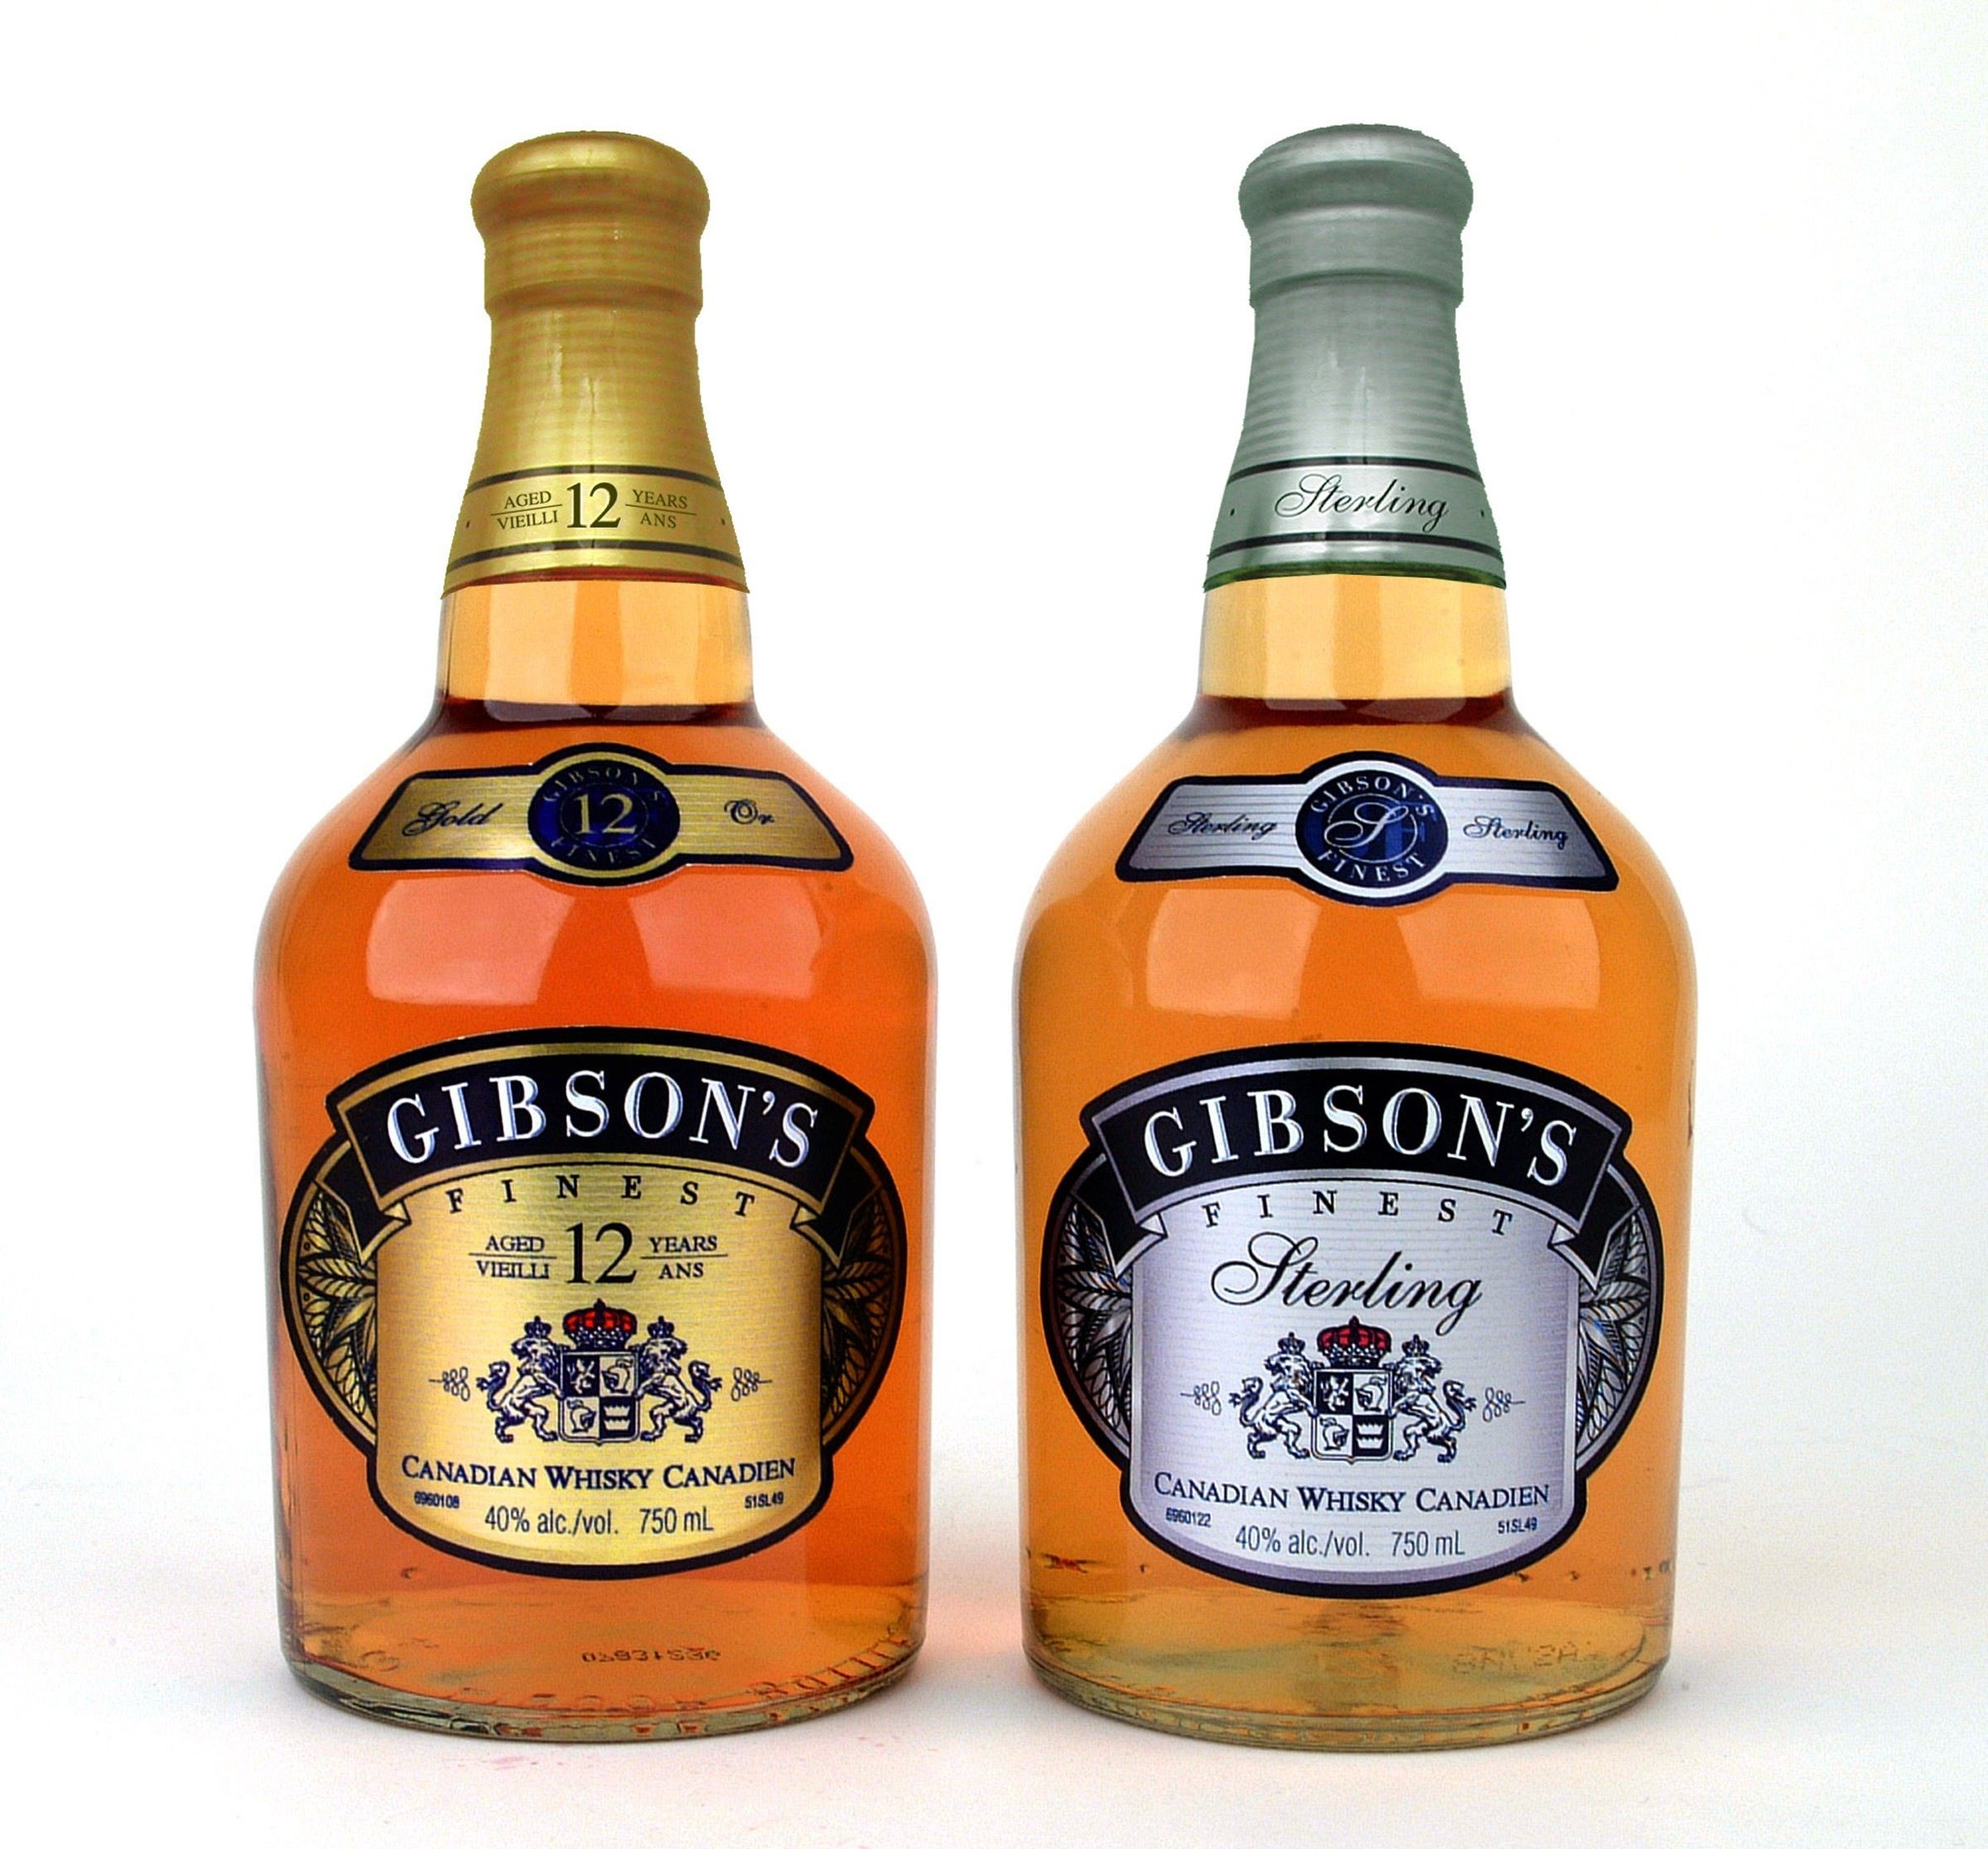 Pin By Kyr Spe On Refreshments Whisky Whiskey Rye Whiskey